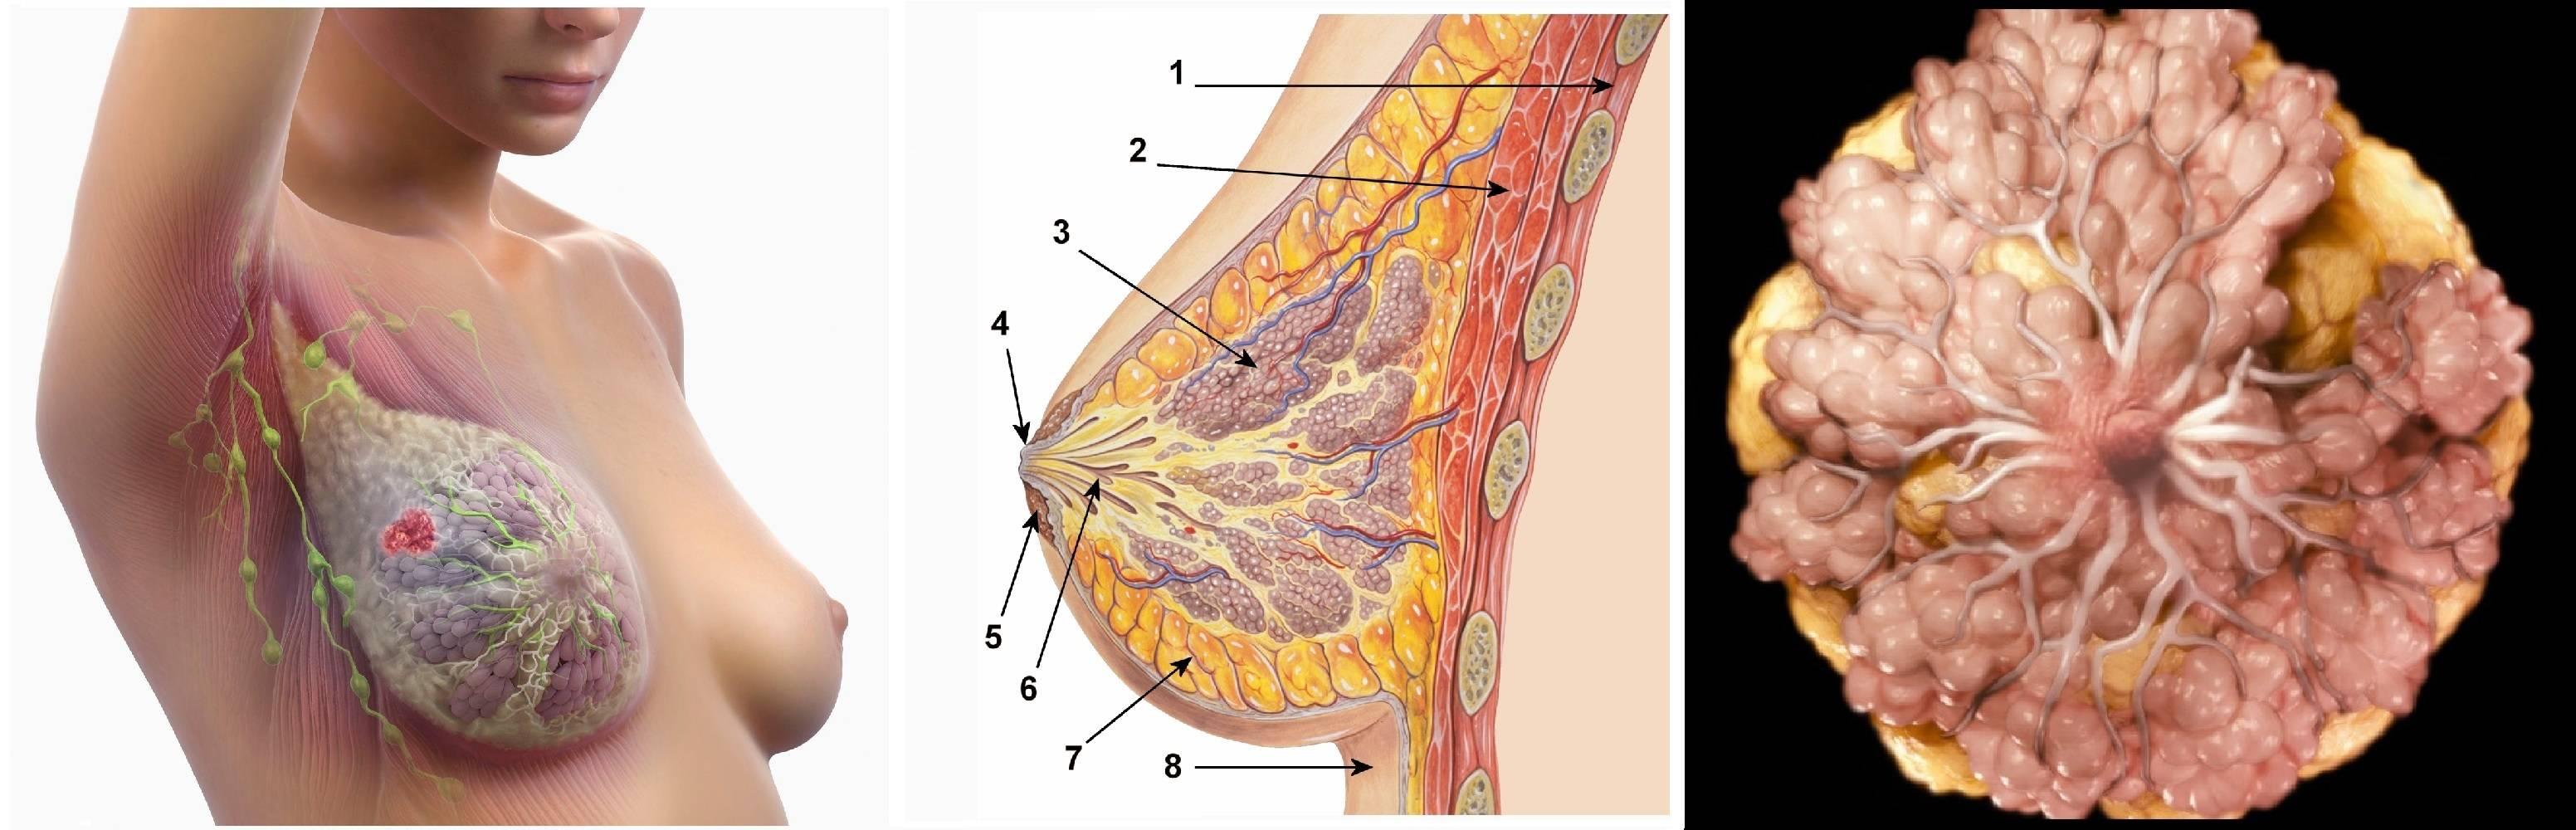 Кистозная мастопатия: причины и лечение